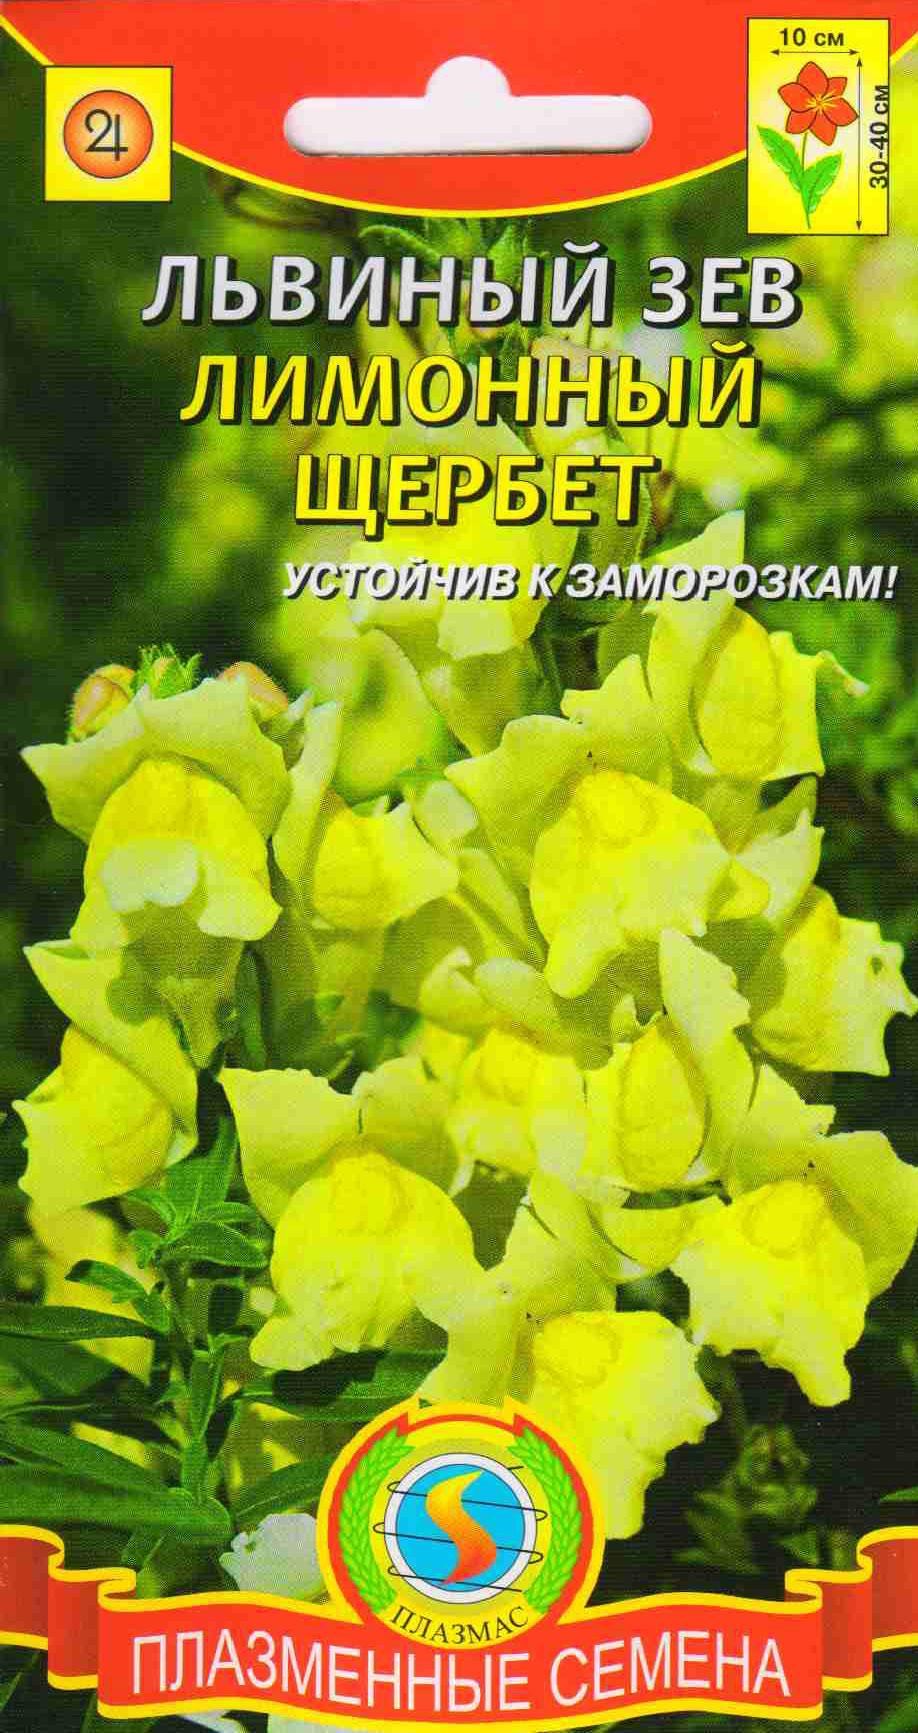 Семена цветов львиный зев